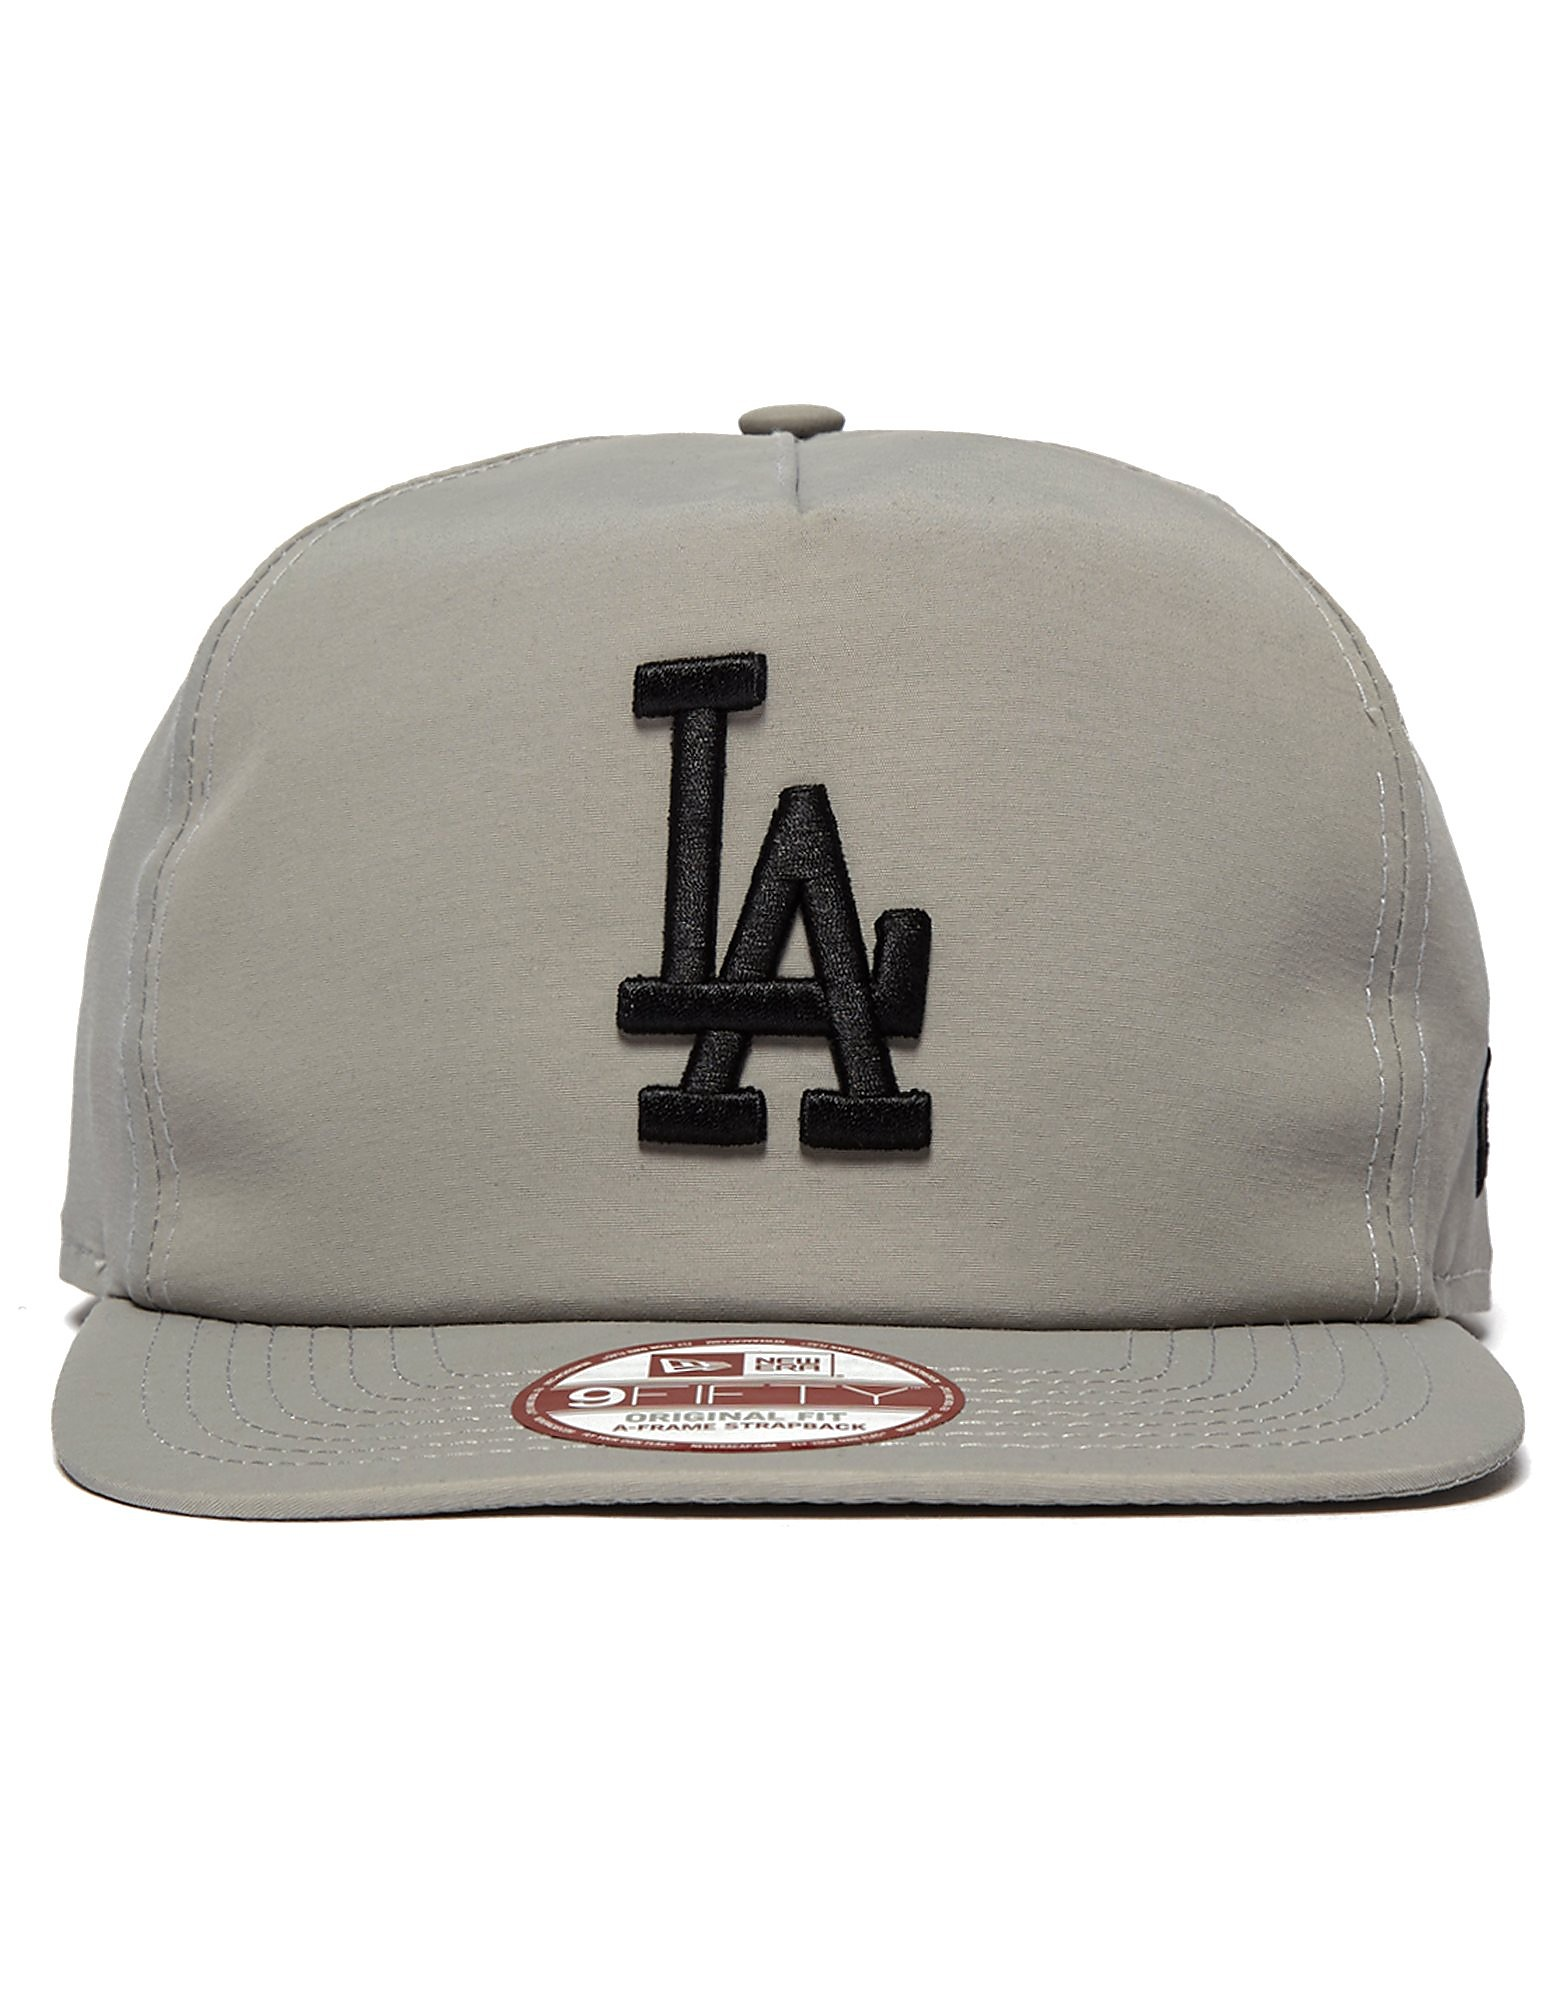 New Era MLB Los Angeles Dodgers 9FIFY Remix Snapback Cap